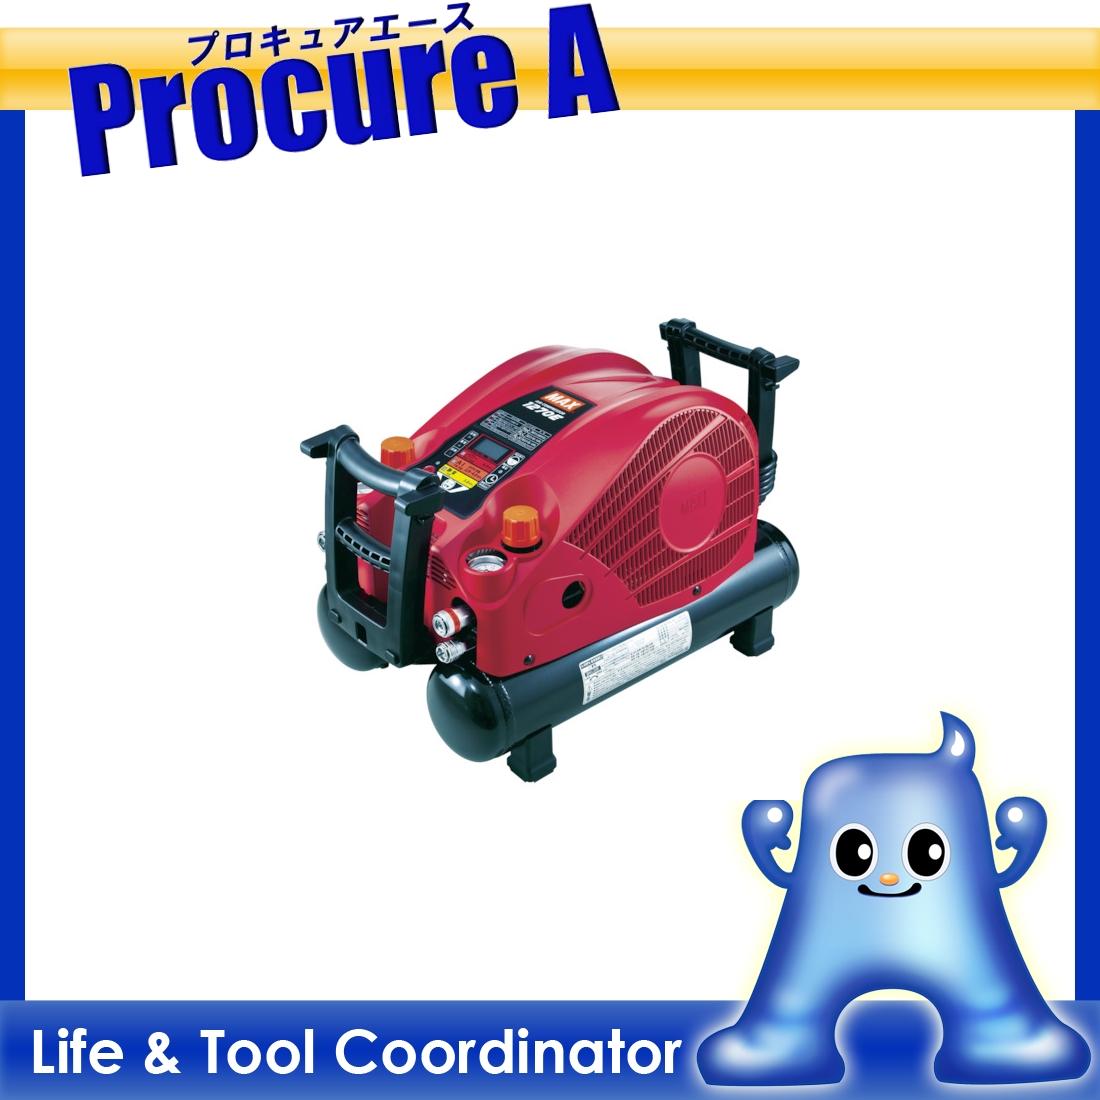 MAX 45気圧スーパーエアコンプレッサ 高圧専用 AK-HH1270E ▼779-7672 マックス(株)